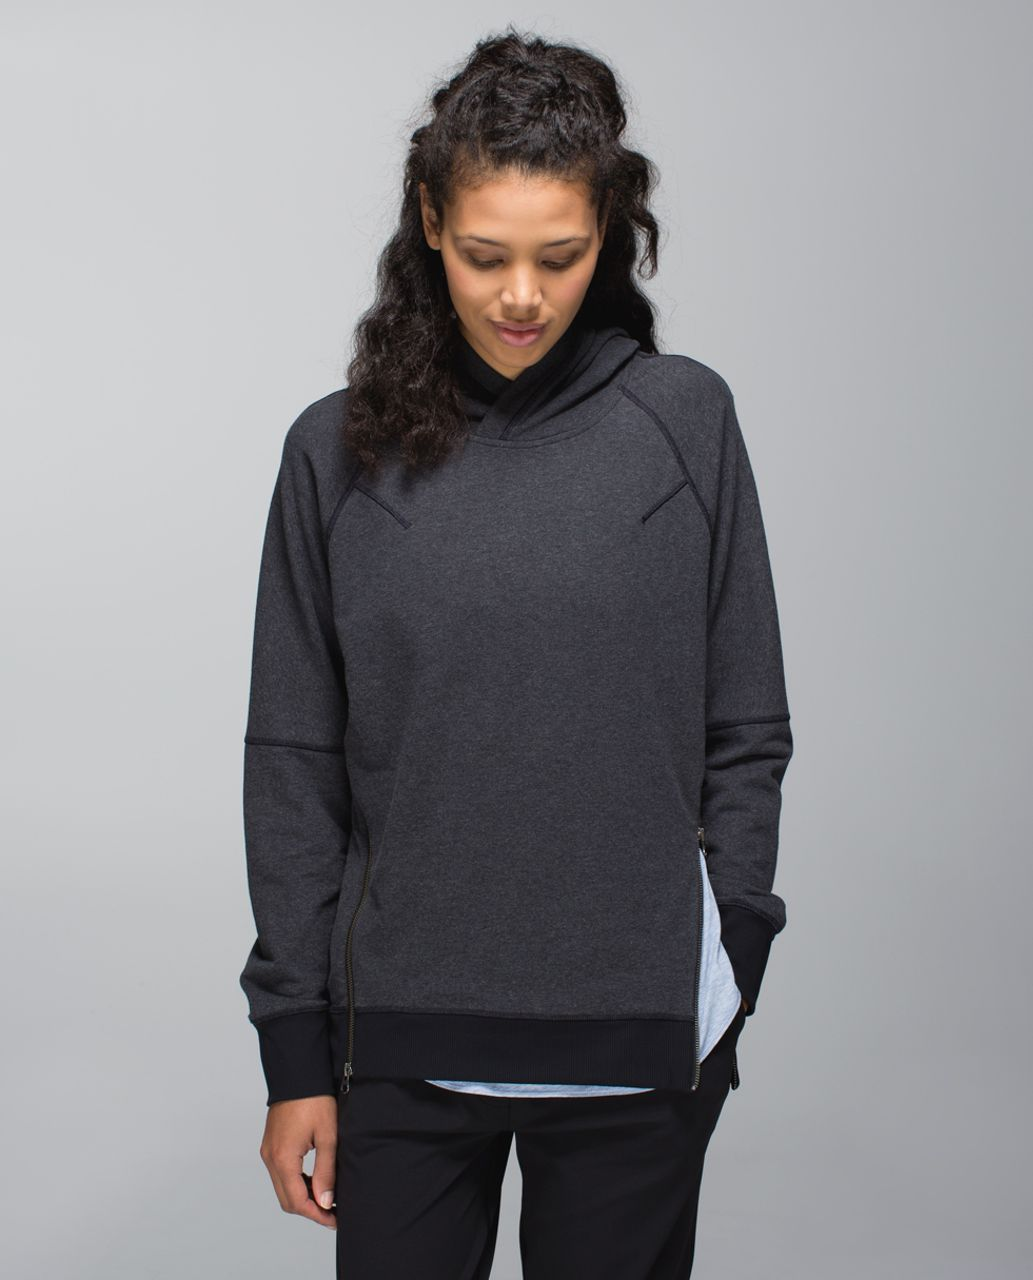 Lululemon Om & Roam Pullover - Heathered Black /  Black